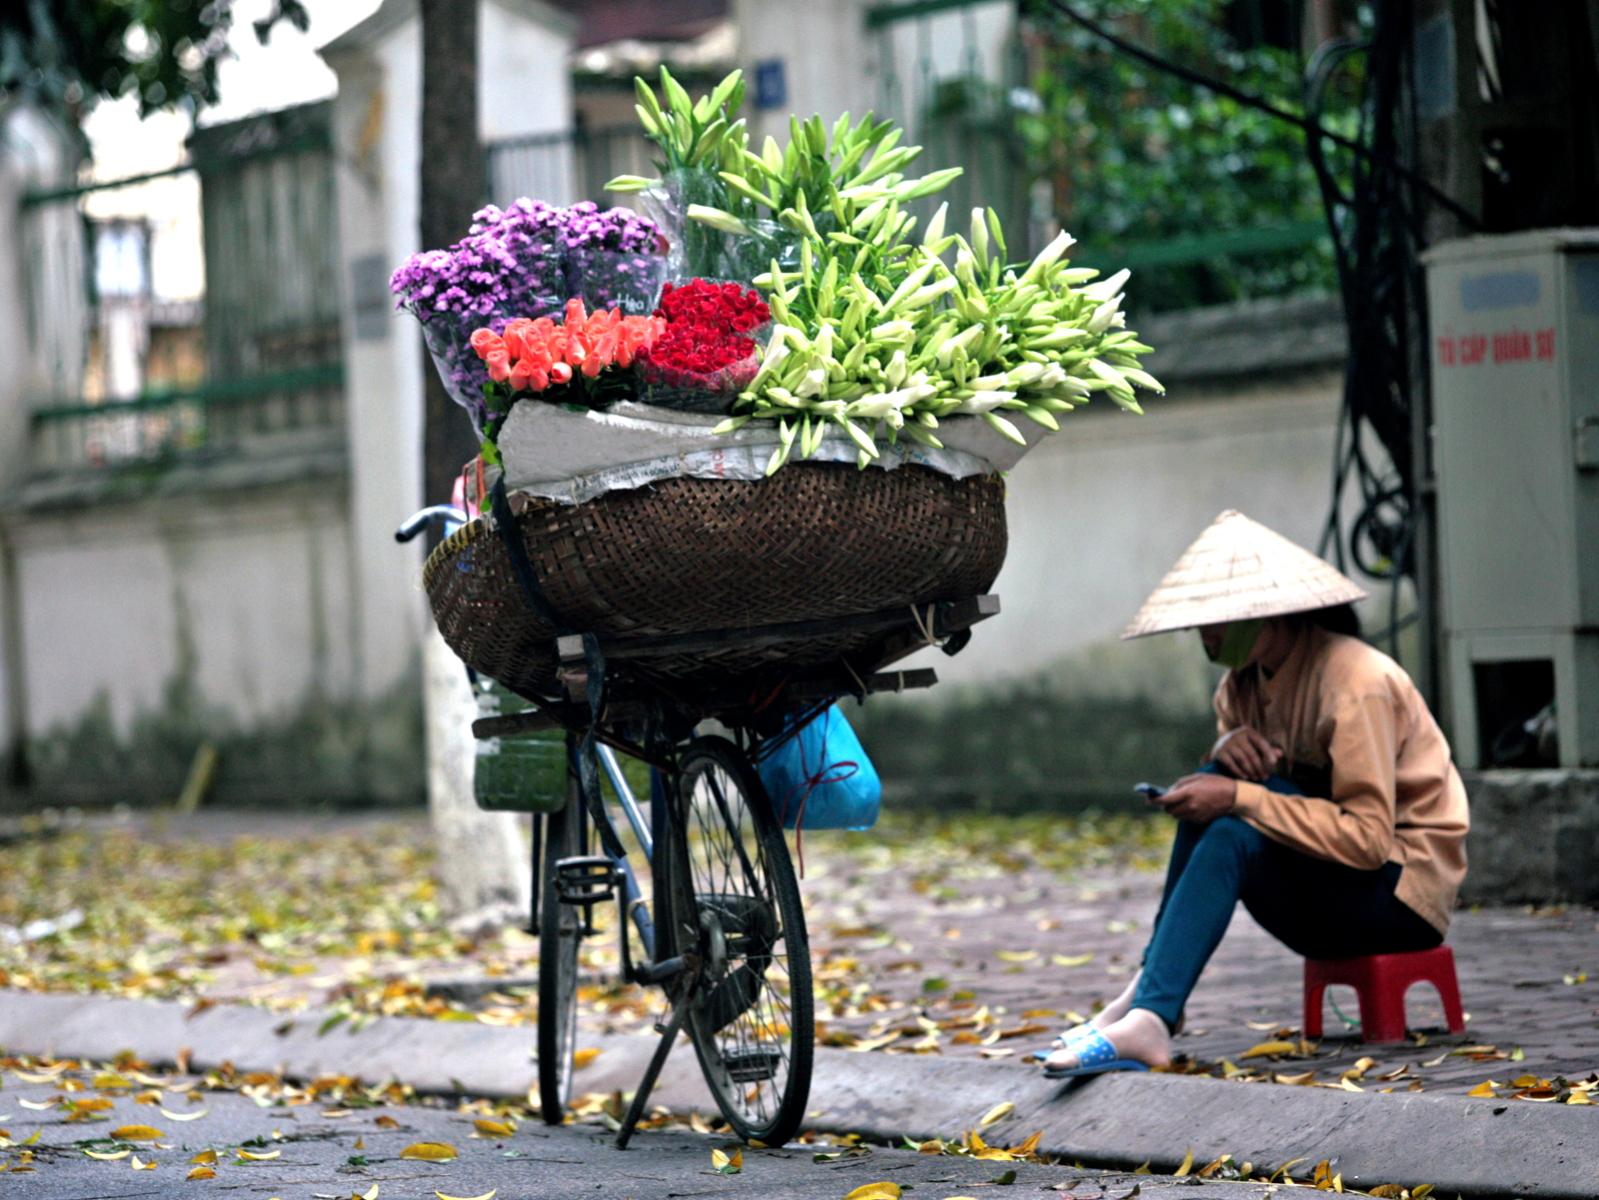 Hoa loa kèn trong gánh hàng hoa bên góc phố, với đám lá sấu vàng trên vỉa hè là hình ảnh thân quen của nhiều người dân Hà thành